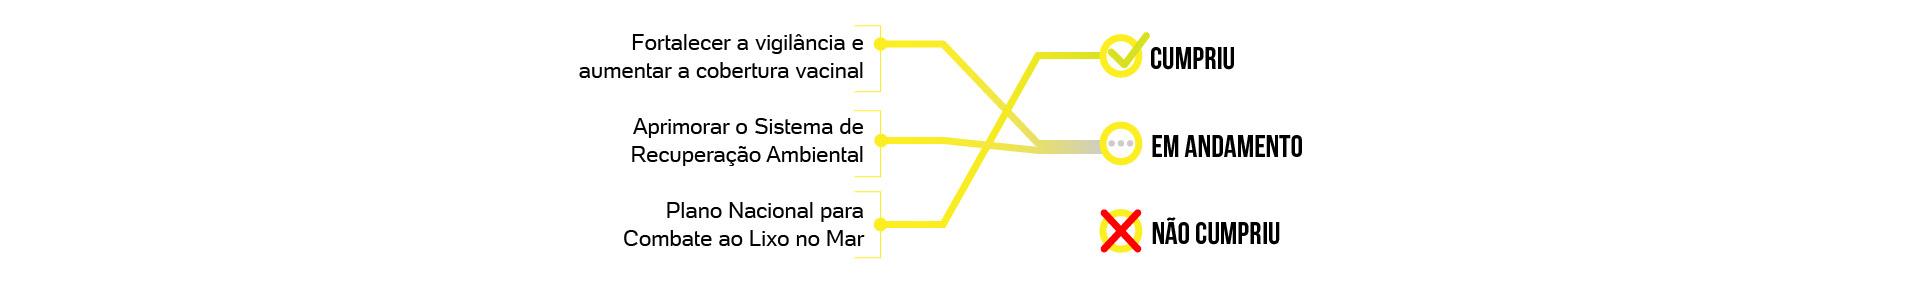 F 100 dias de governo de Jair Bolsonaro